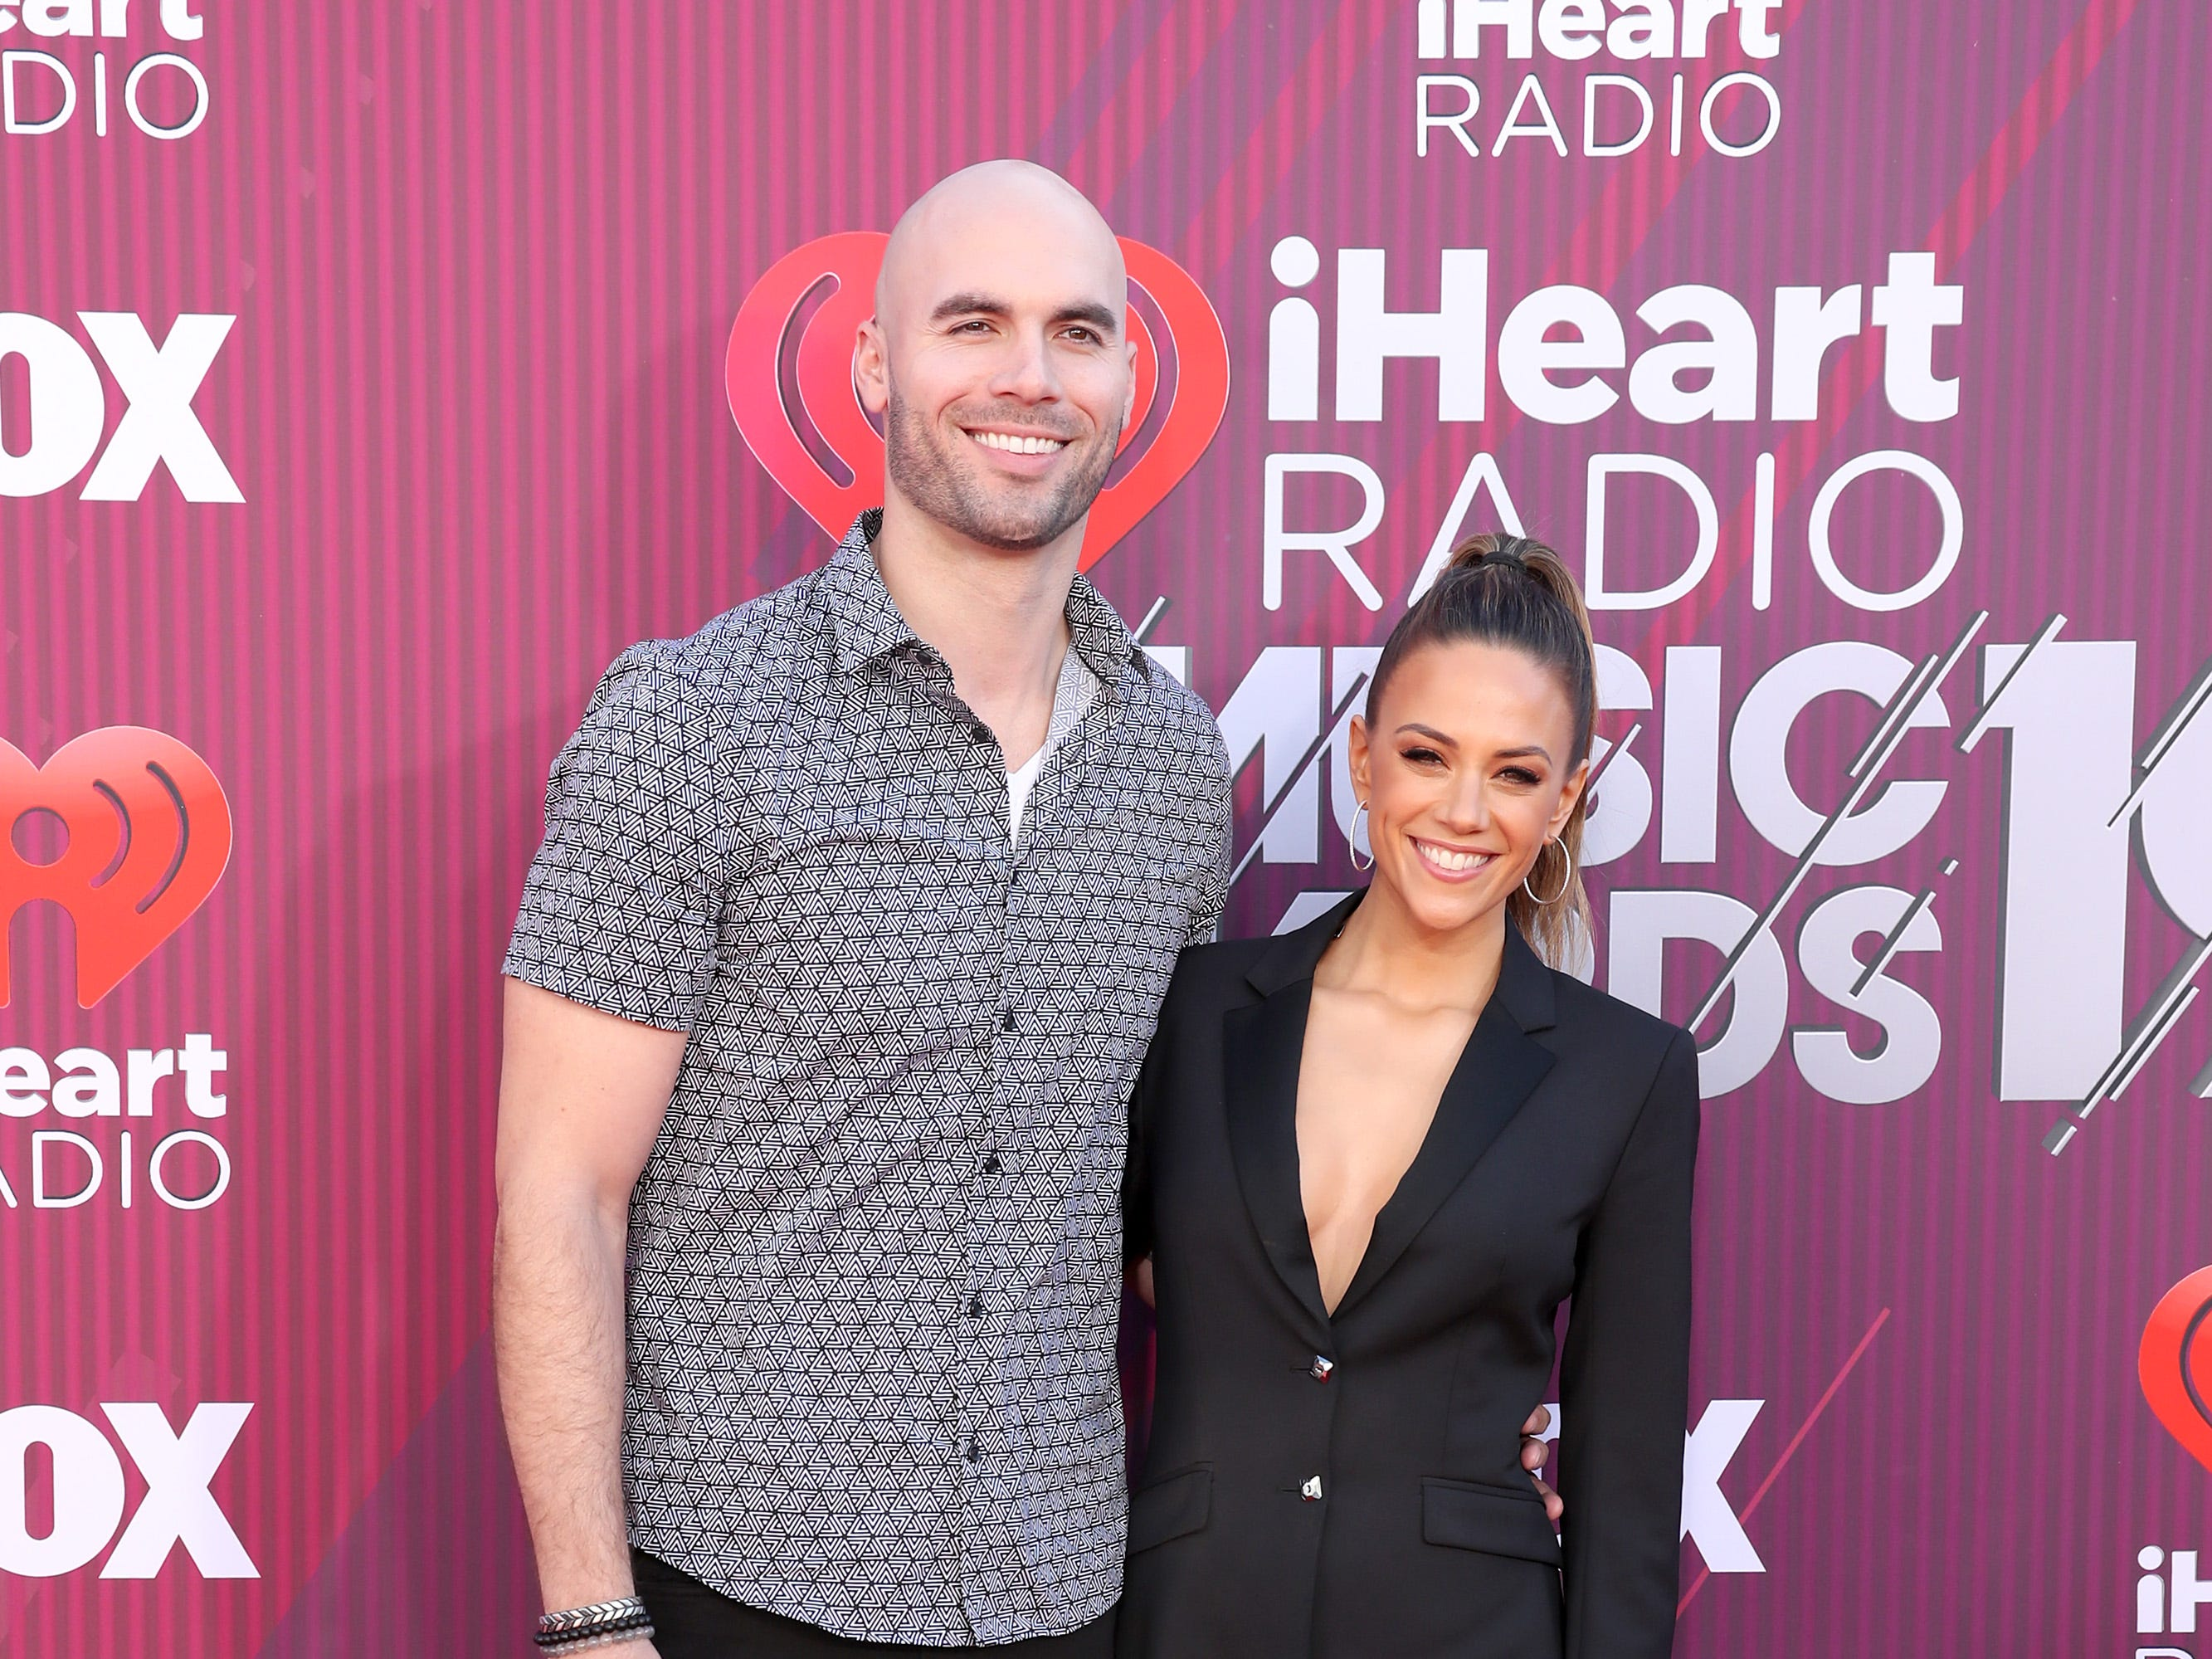 Mike Caussin y Jana Kramer a su llegada a los premios iHeart Radio Music Awards en 2019 el 14 de marzo de 2019 en Los Angeles, California.